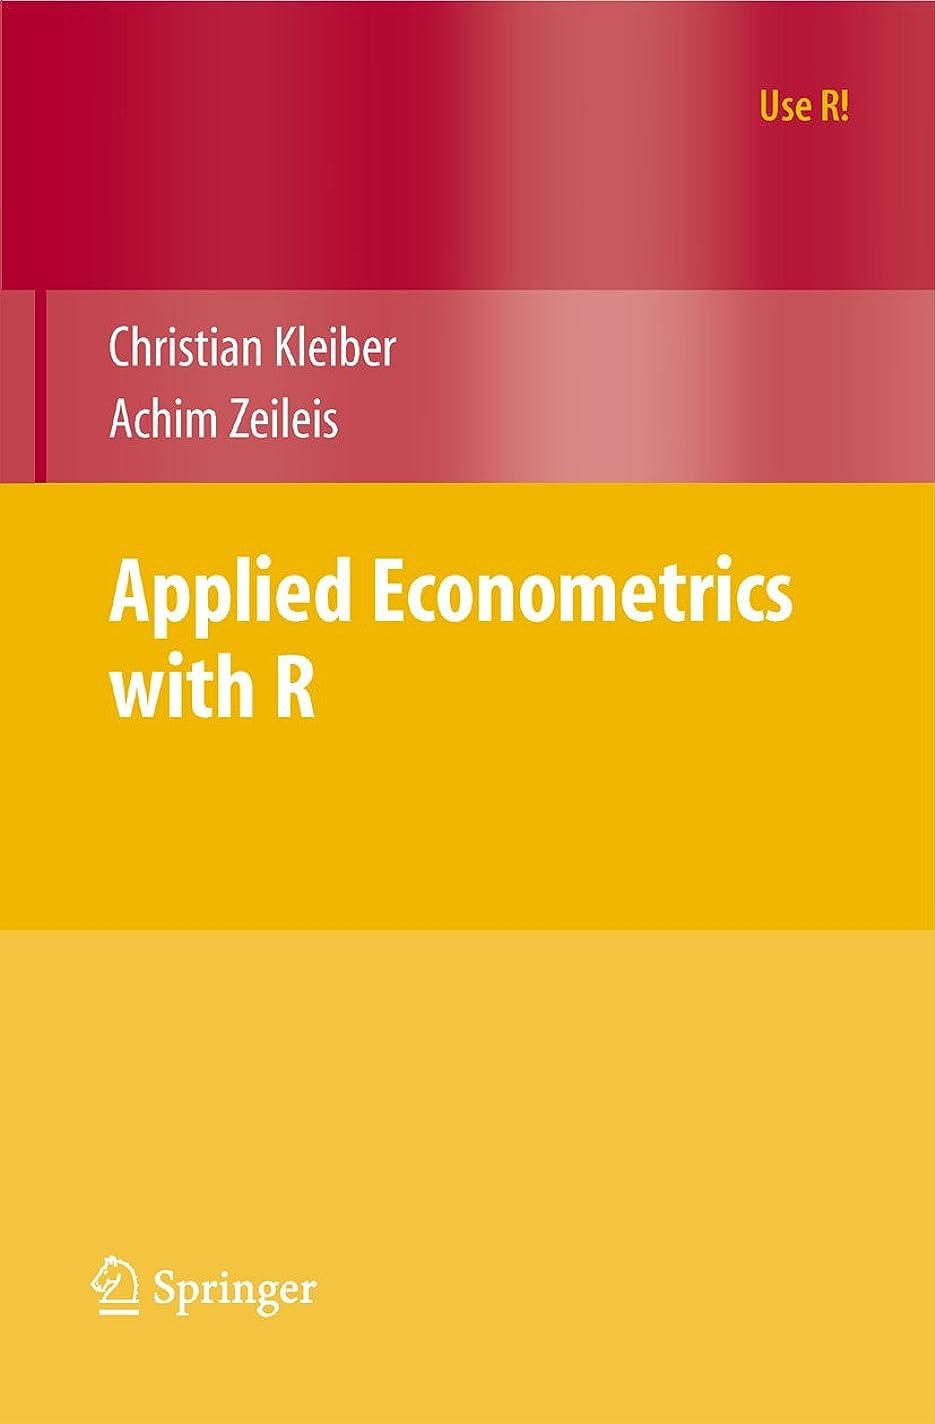 立ち寄る視力株式会社Applied Econometrics with R (Use R!) (English Edition)